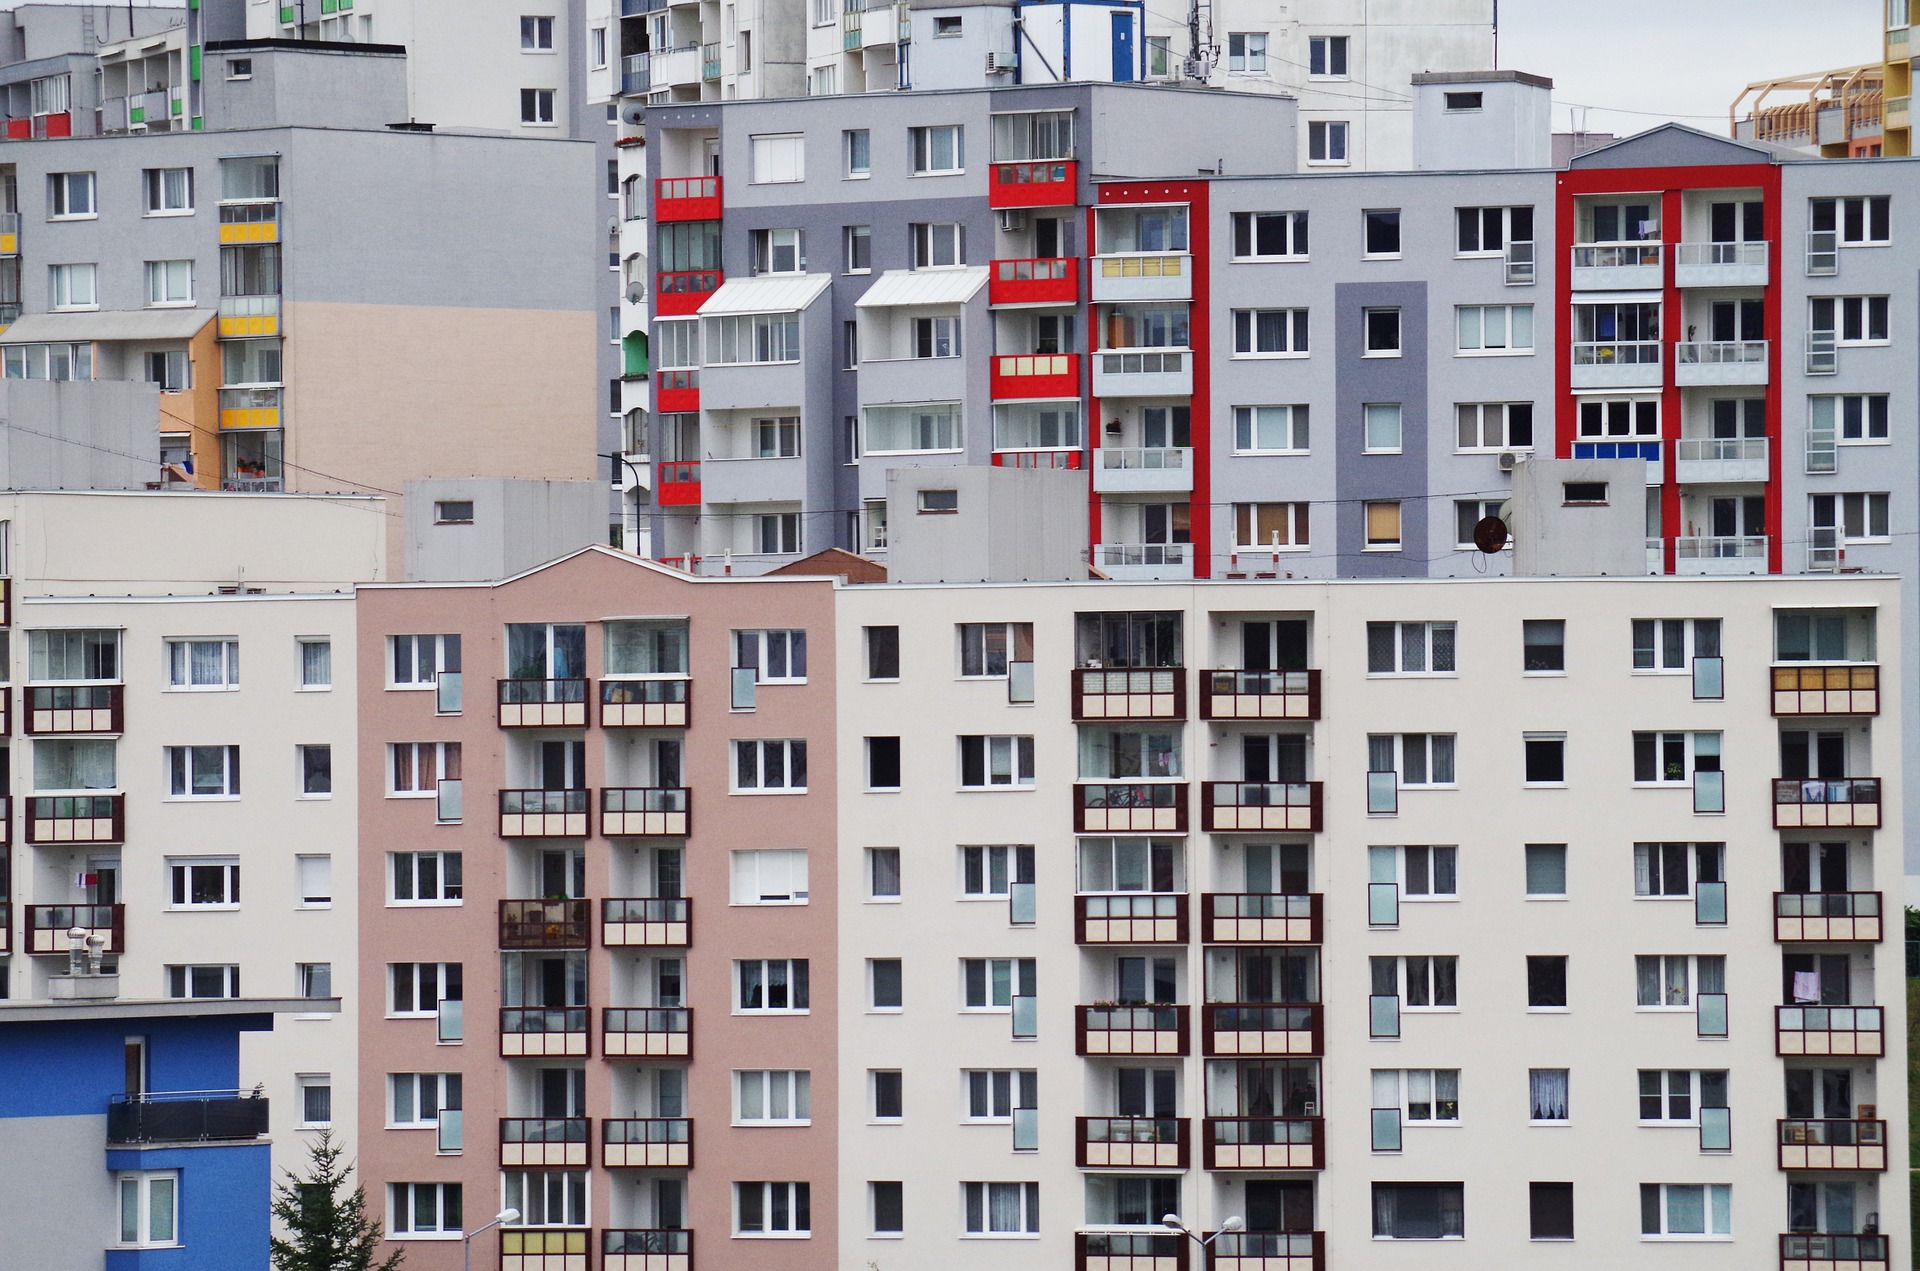 Апартаменты поднялись в цене на фоне слухов о придании им статуса жилья - фото 1